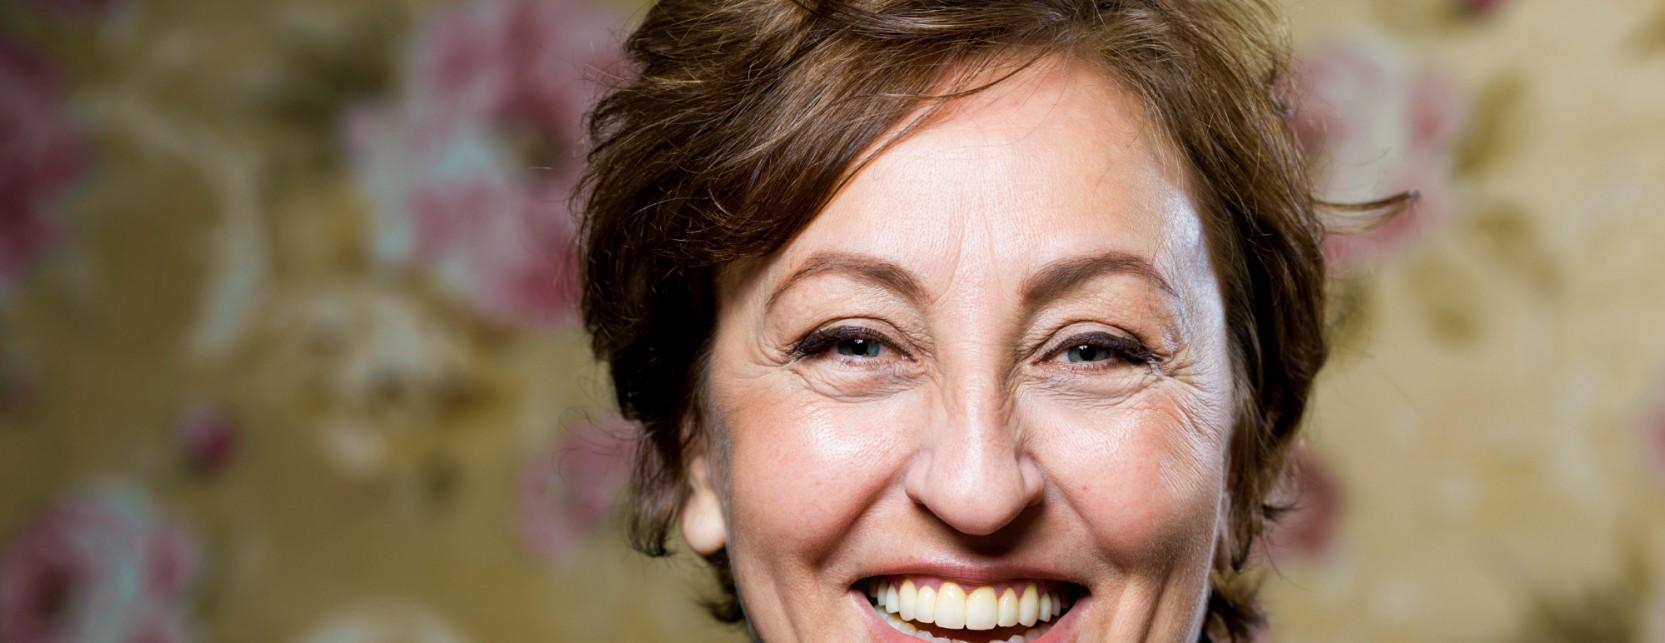 Karin Bruers nieuw Elckerlyc Hilvarenbeek